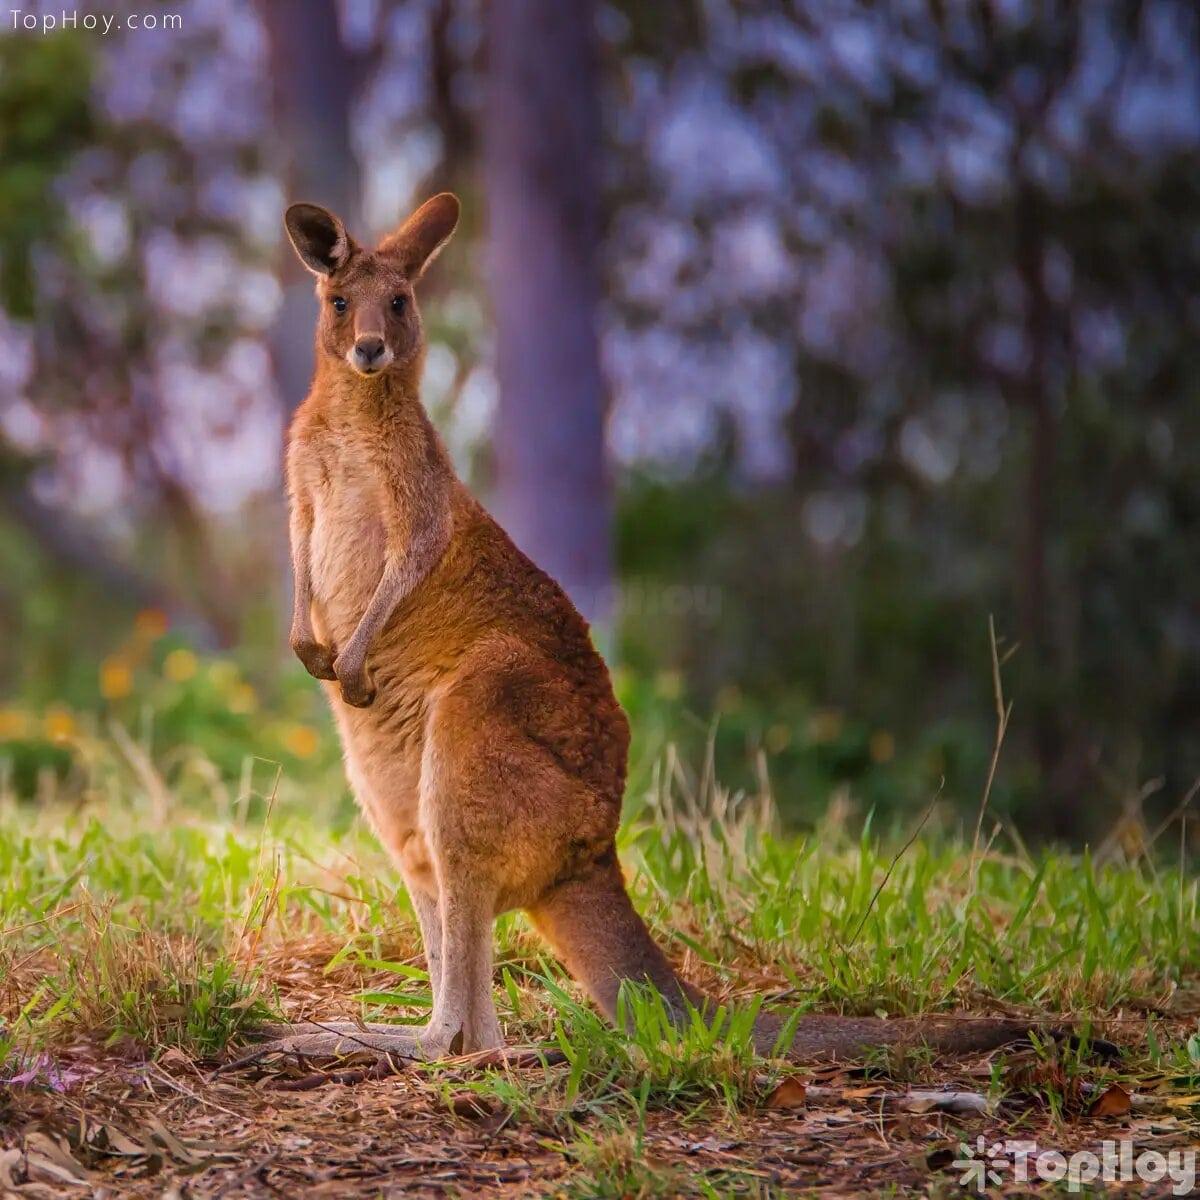 Existen 47 especies distintas de canguros, pero entre las más conocidas se encuentran el gris occidental, el rojo y el gris oriental.